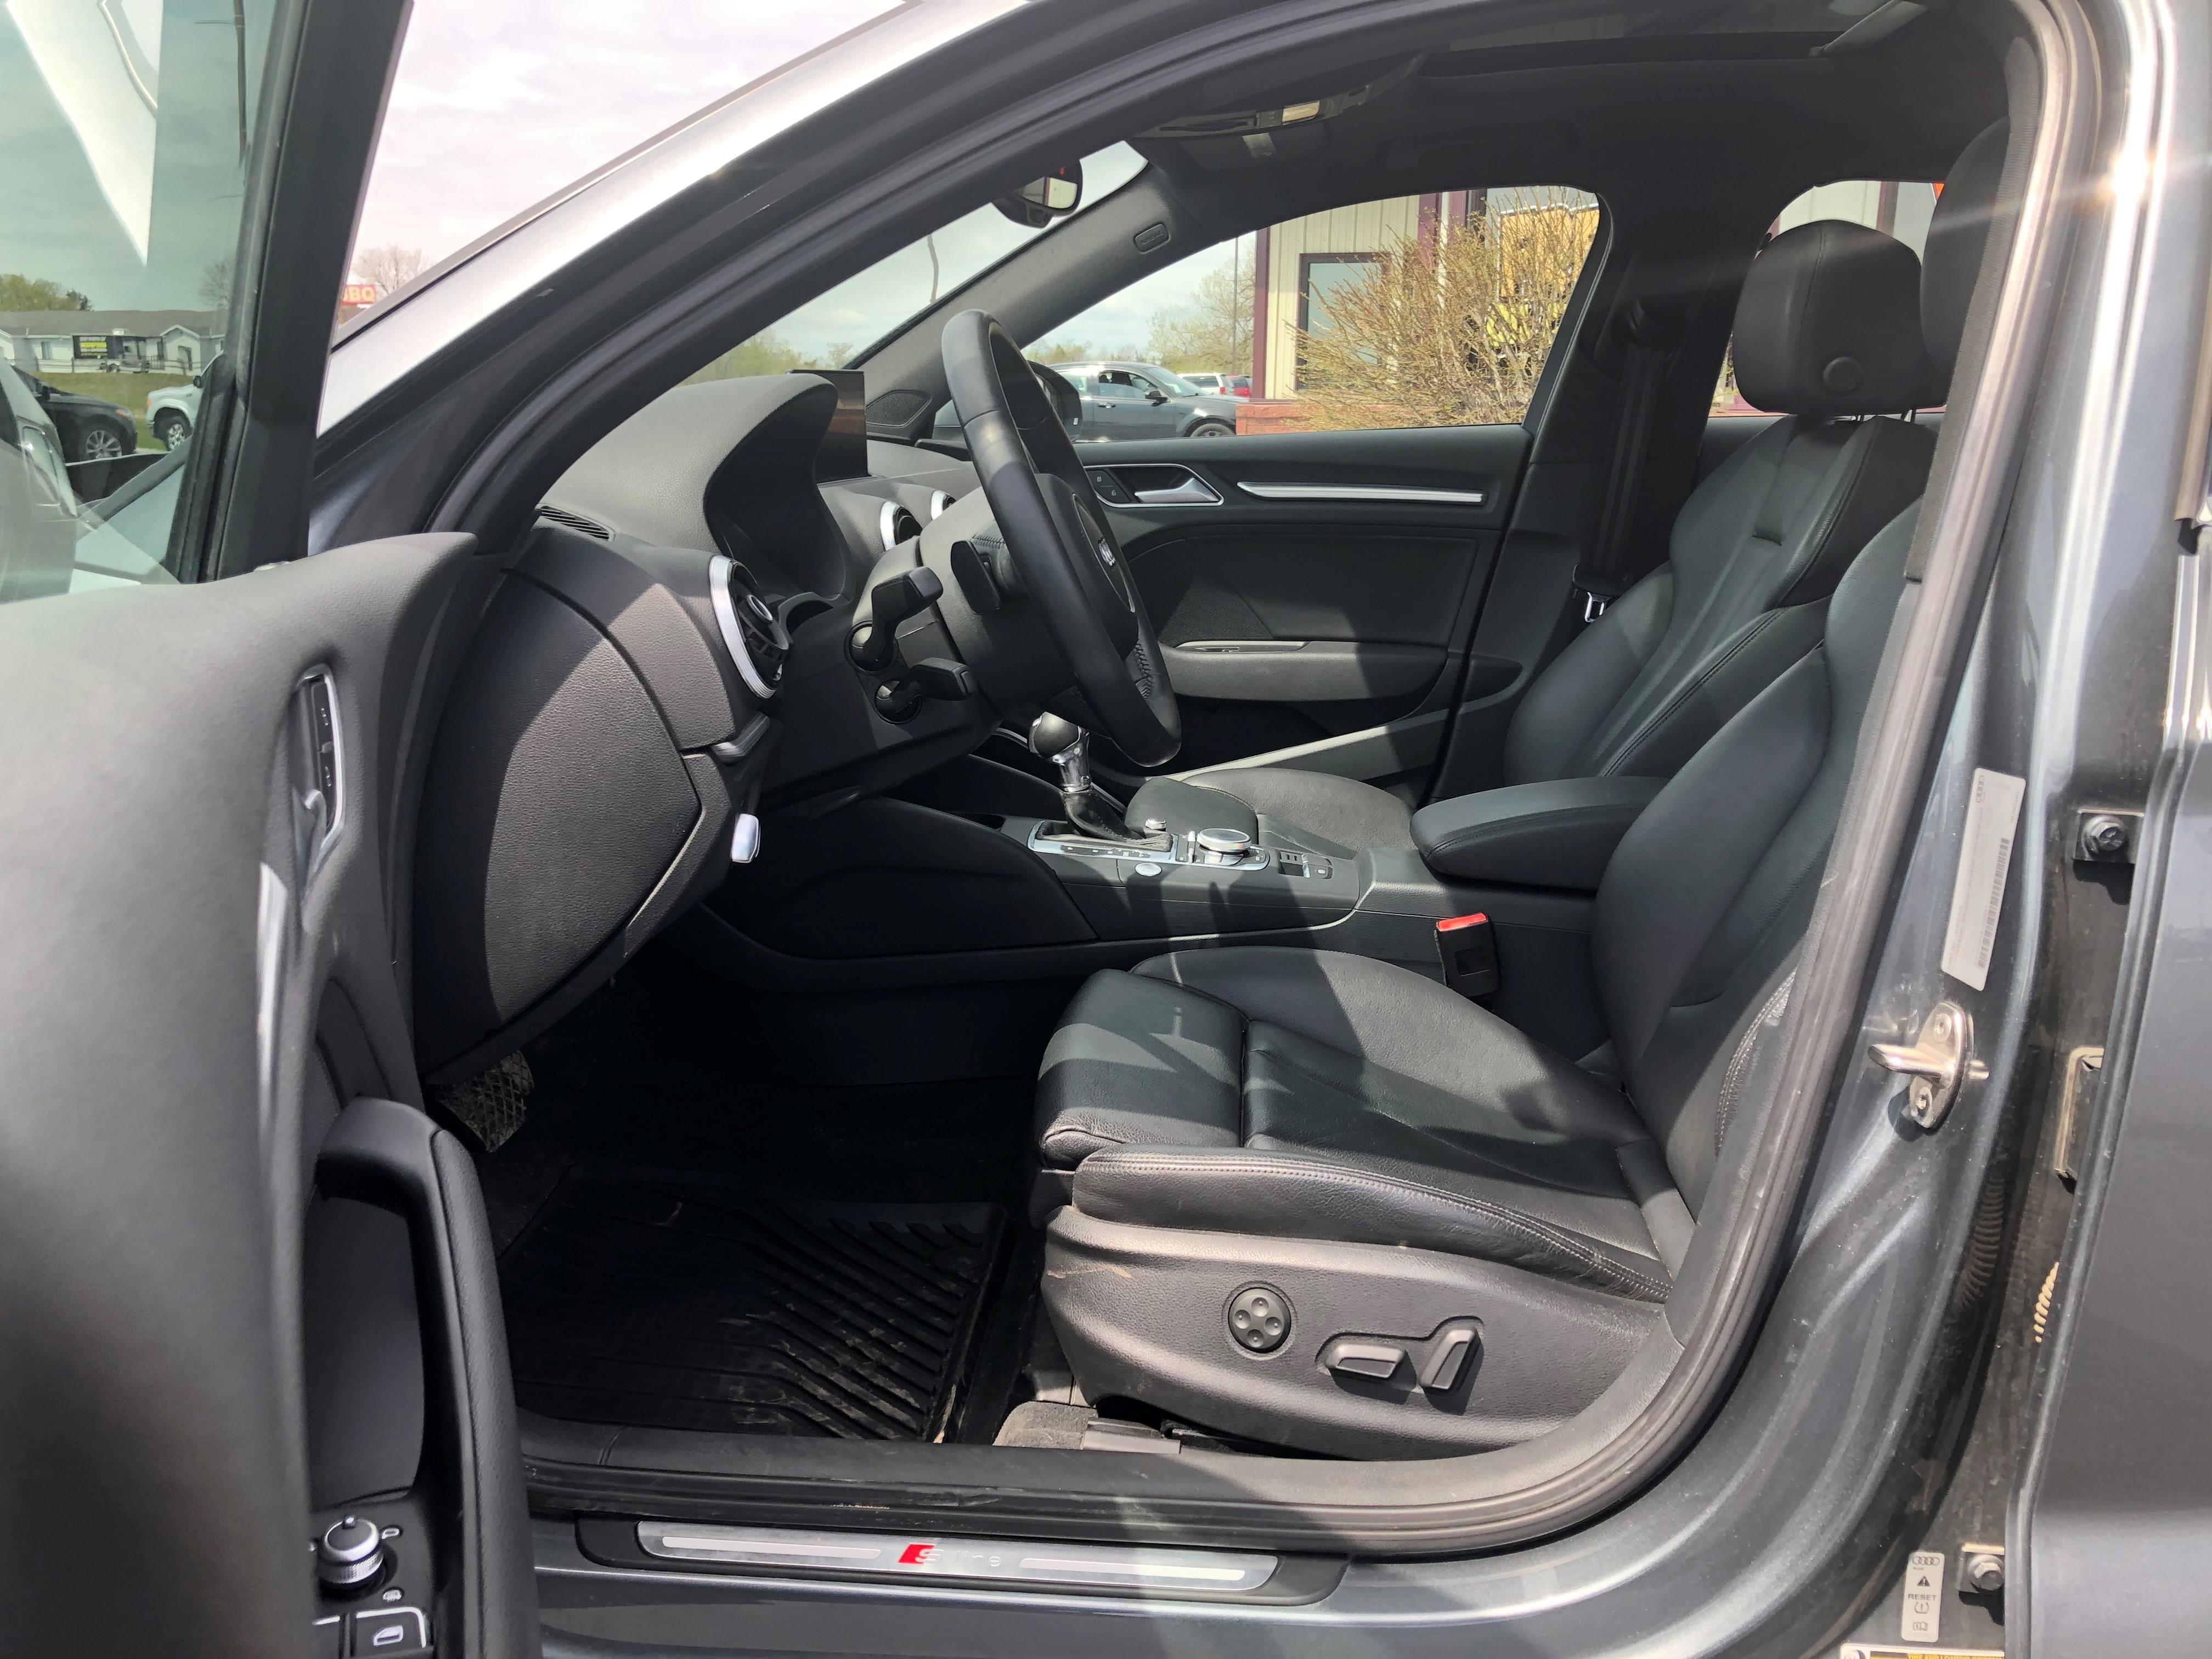 used vehicle - Sedan AUDI A3 2015